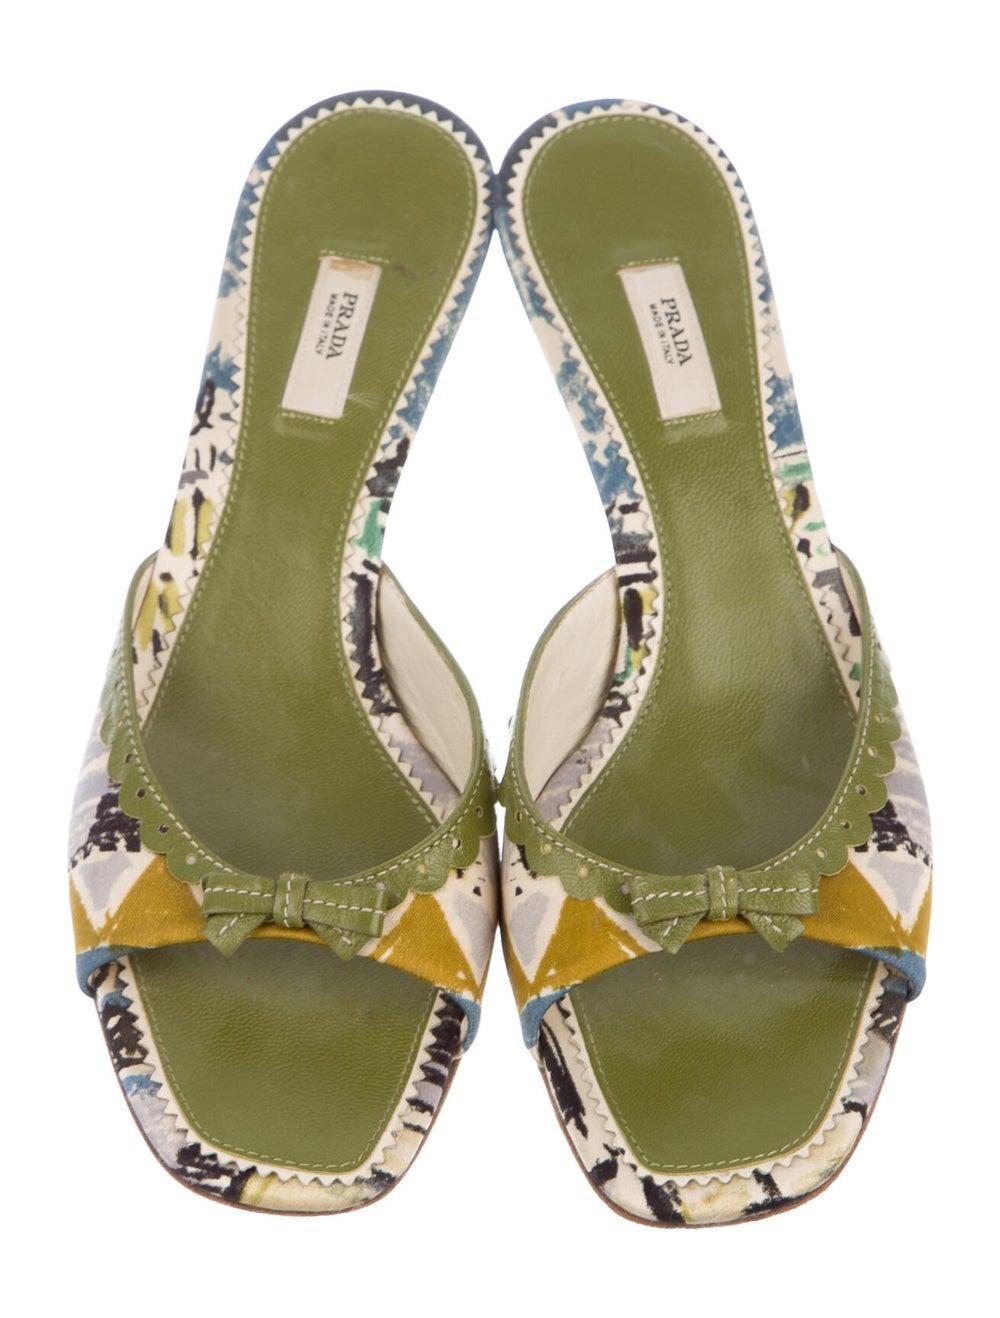 Prada Printed Sandals Green - image 3